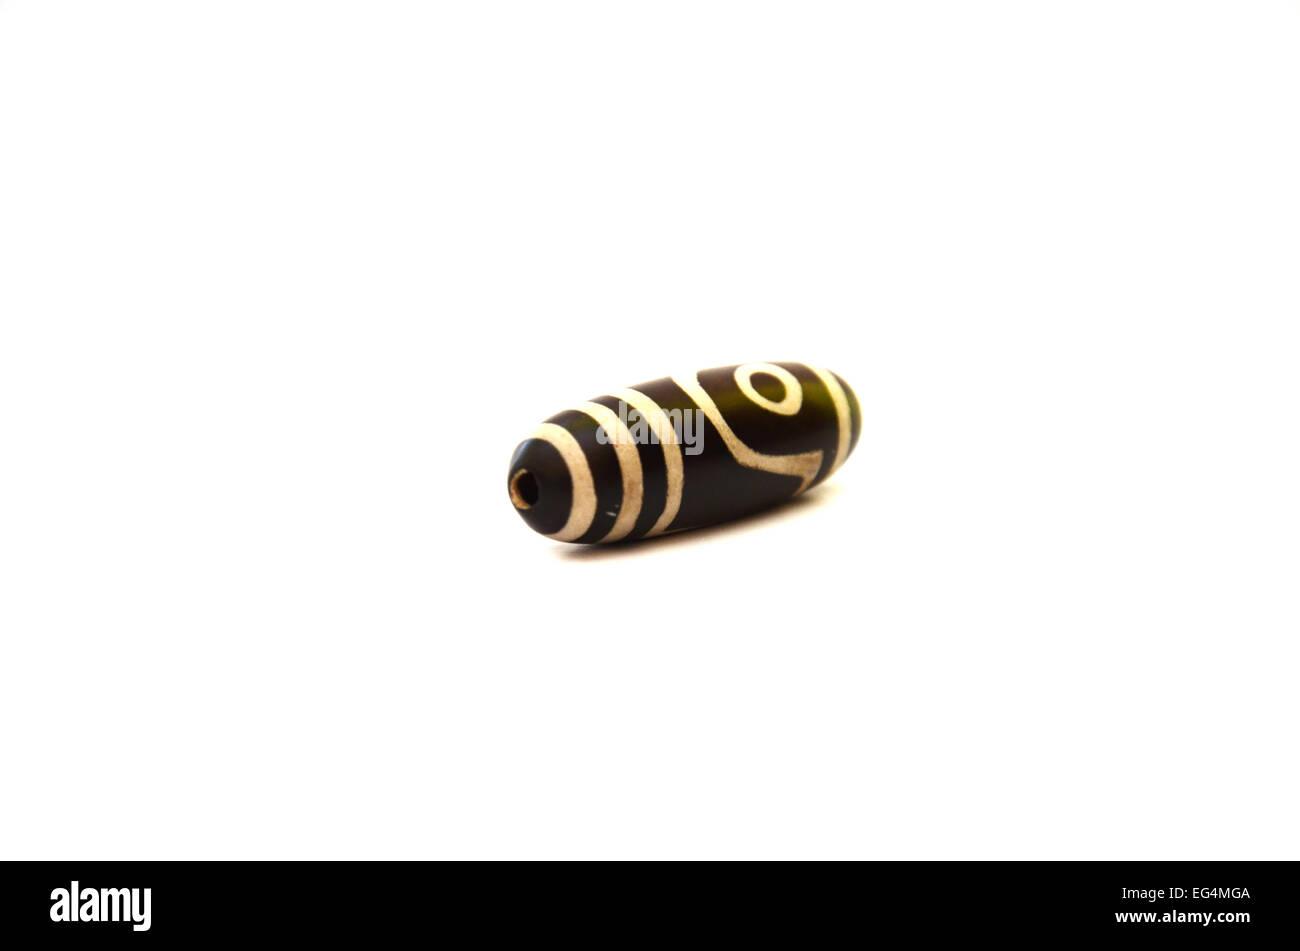 Necklace and pendant Amulet dZi Bead Tibet Style - Stock Image